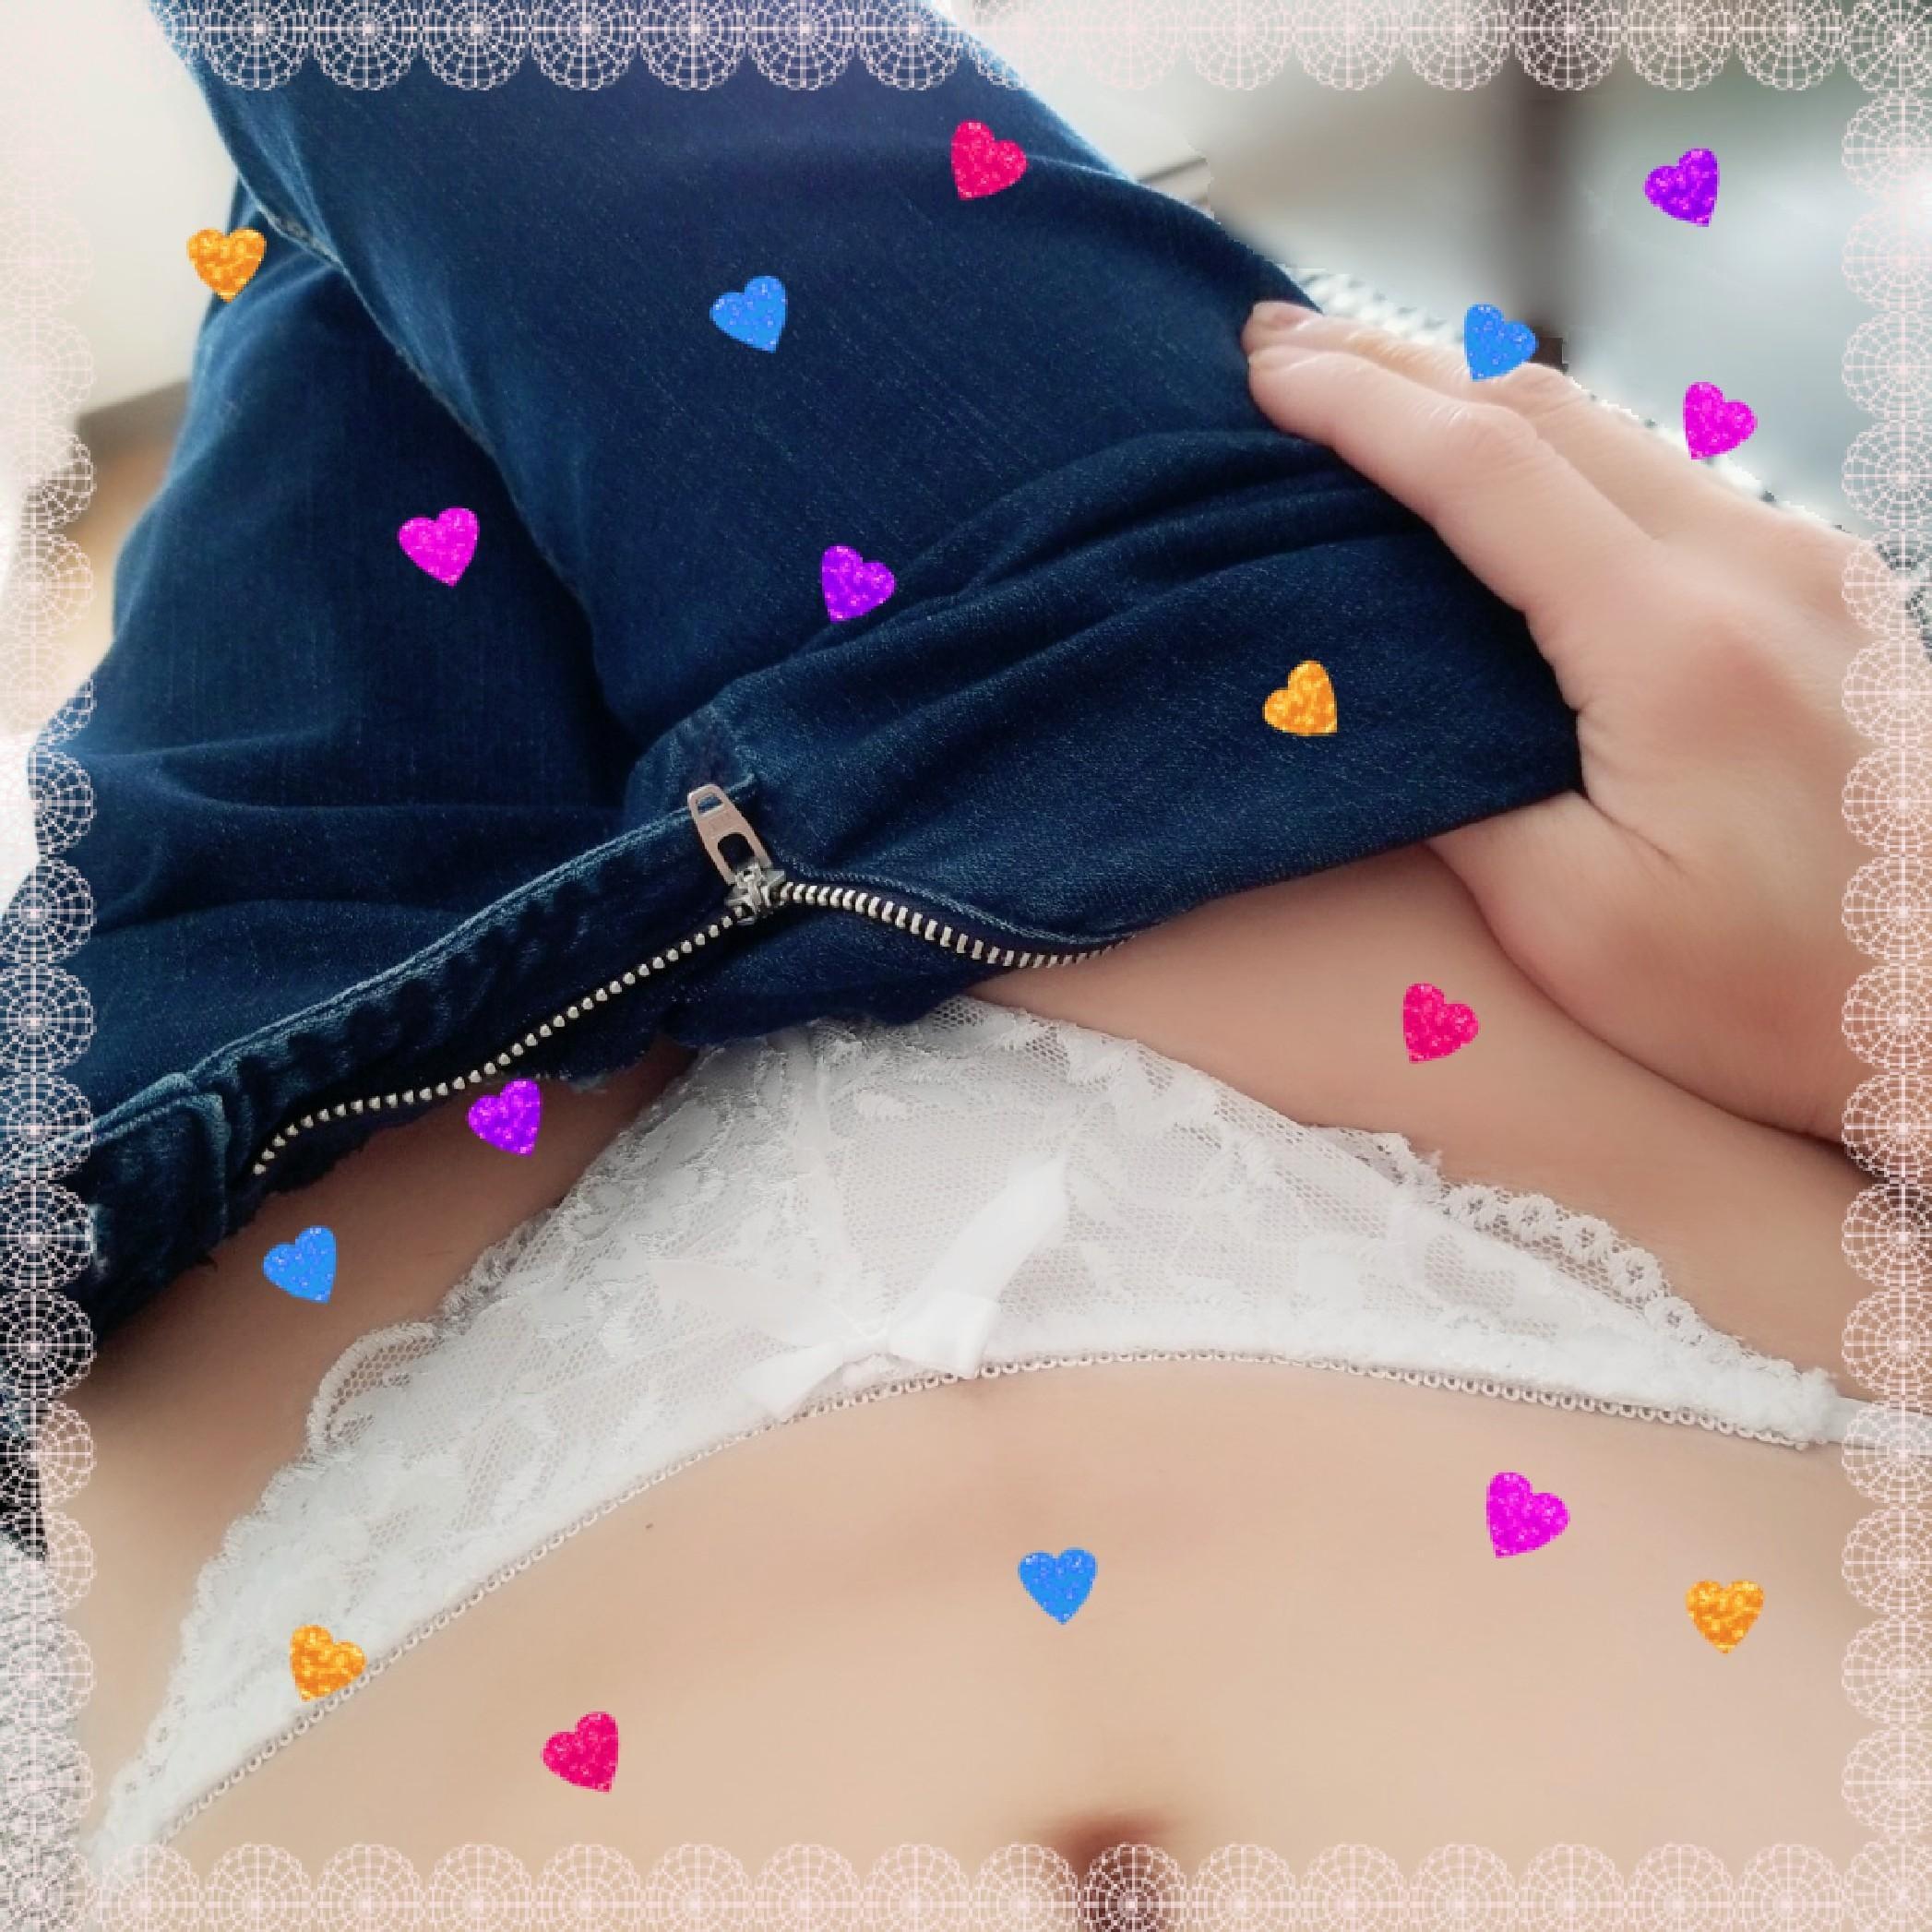 「おはようございます♪」08/25(土) 08:50 | 安西ひろみの写メ・風俗動画